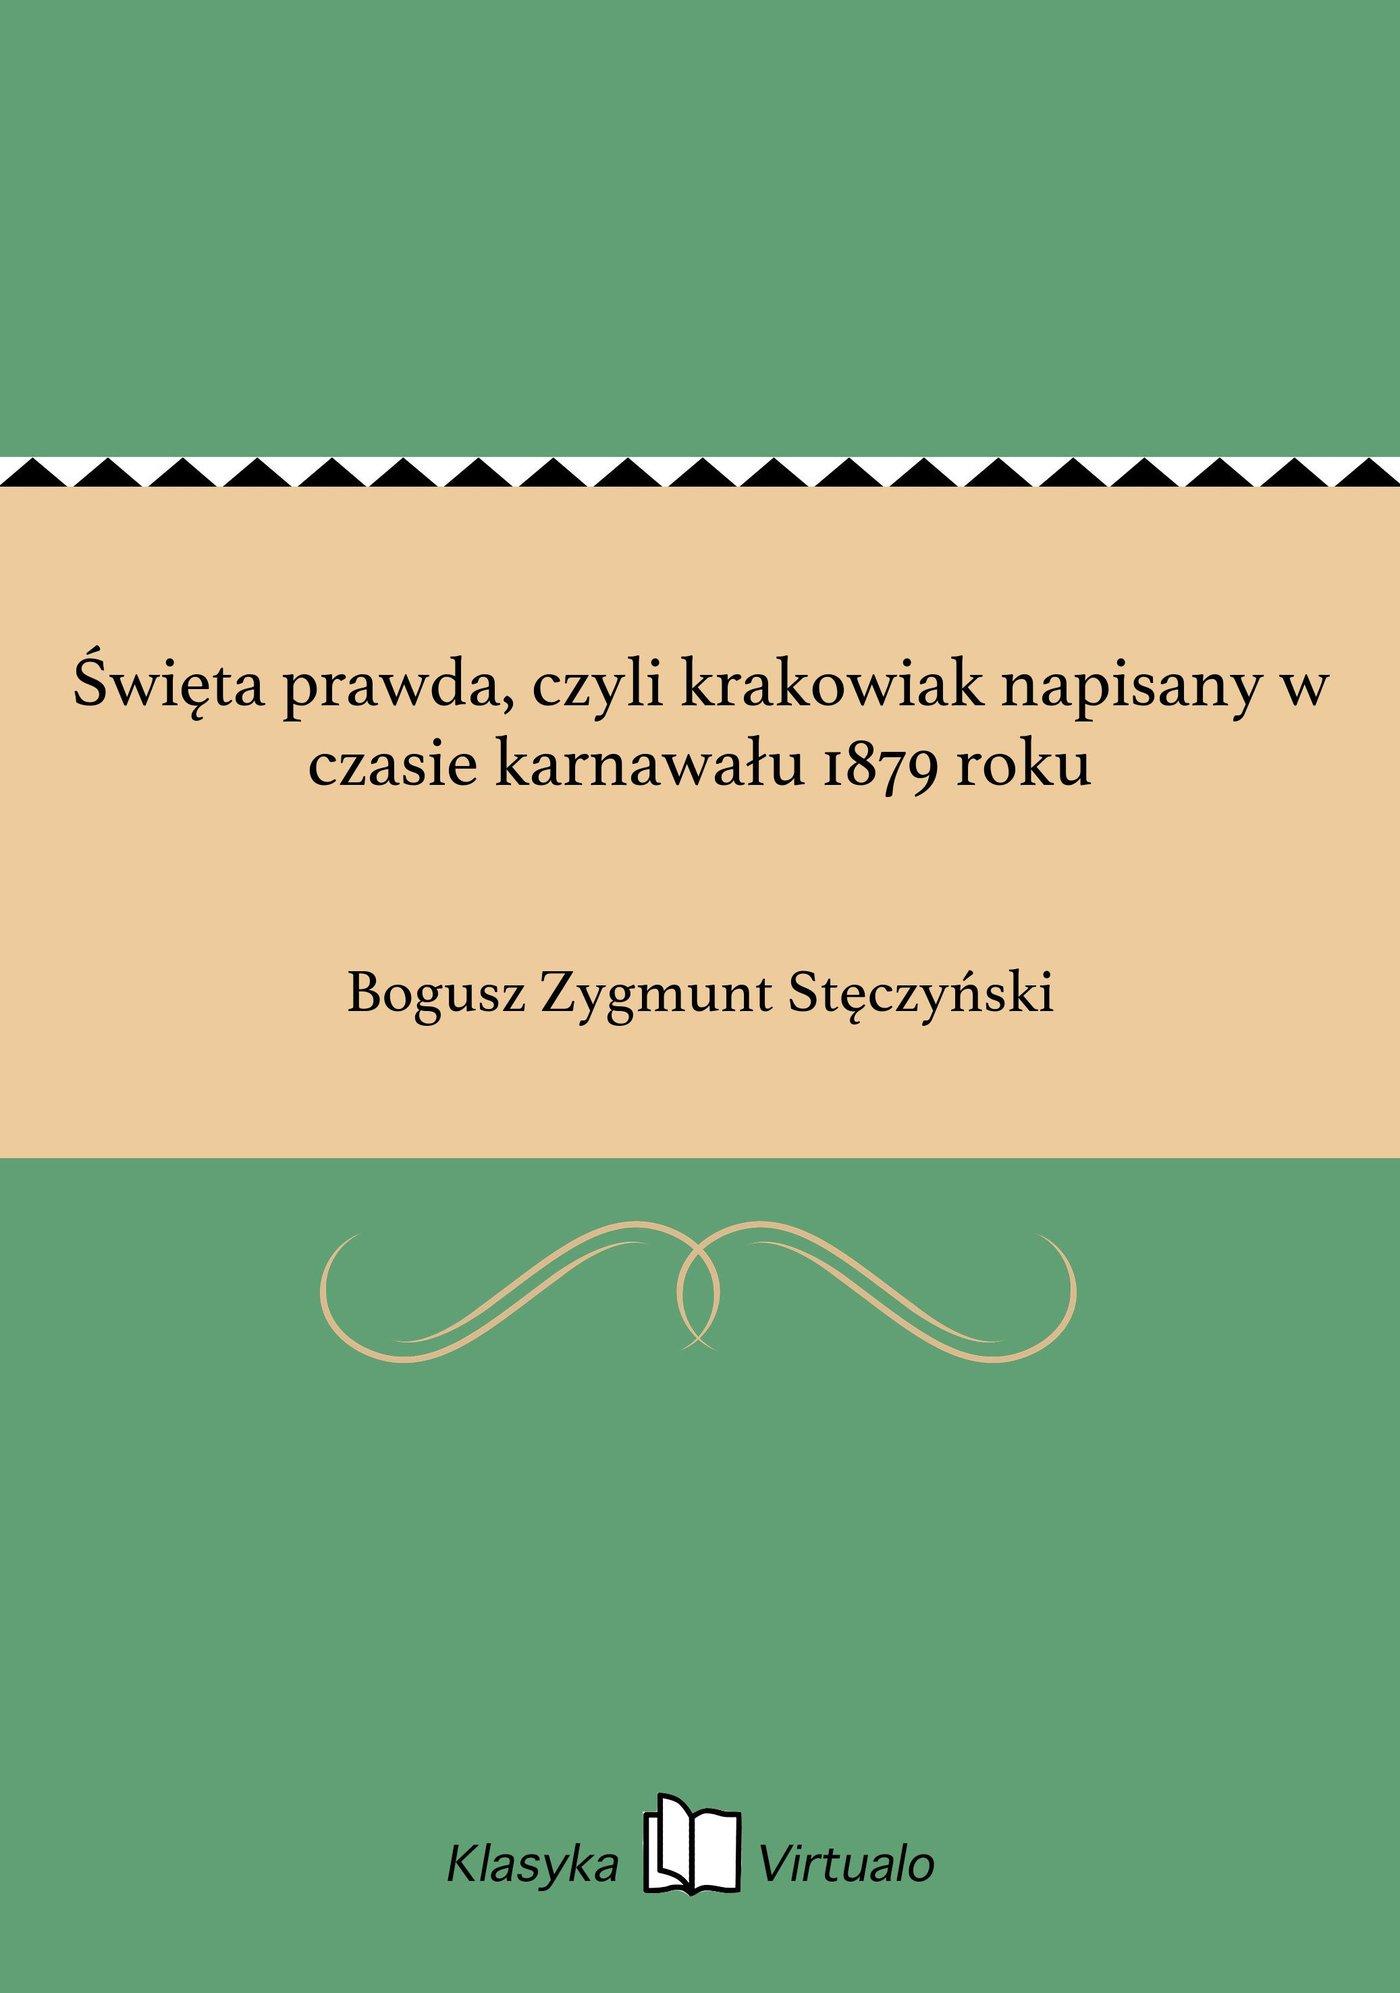 Święta prawda, czyli krakowiak napisany w czasie karnawału 1879 roku - Ebook (Książka EPUB) do pobrania w formacie EPUB